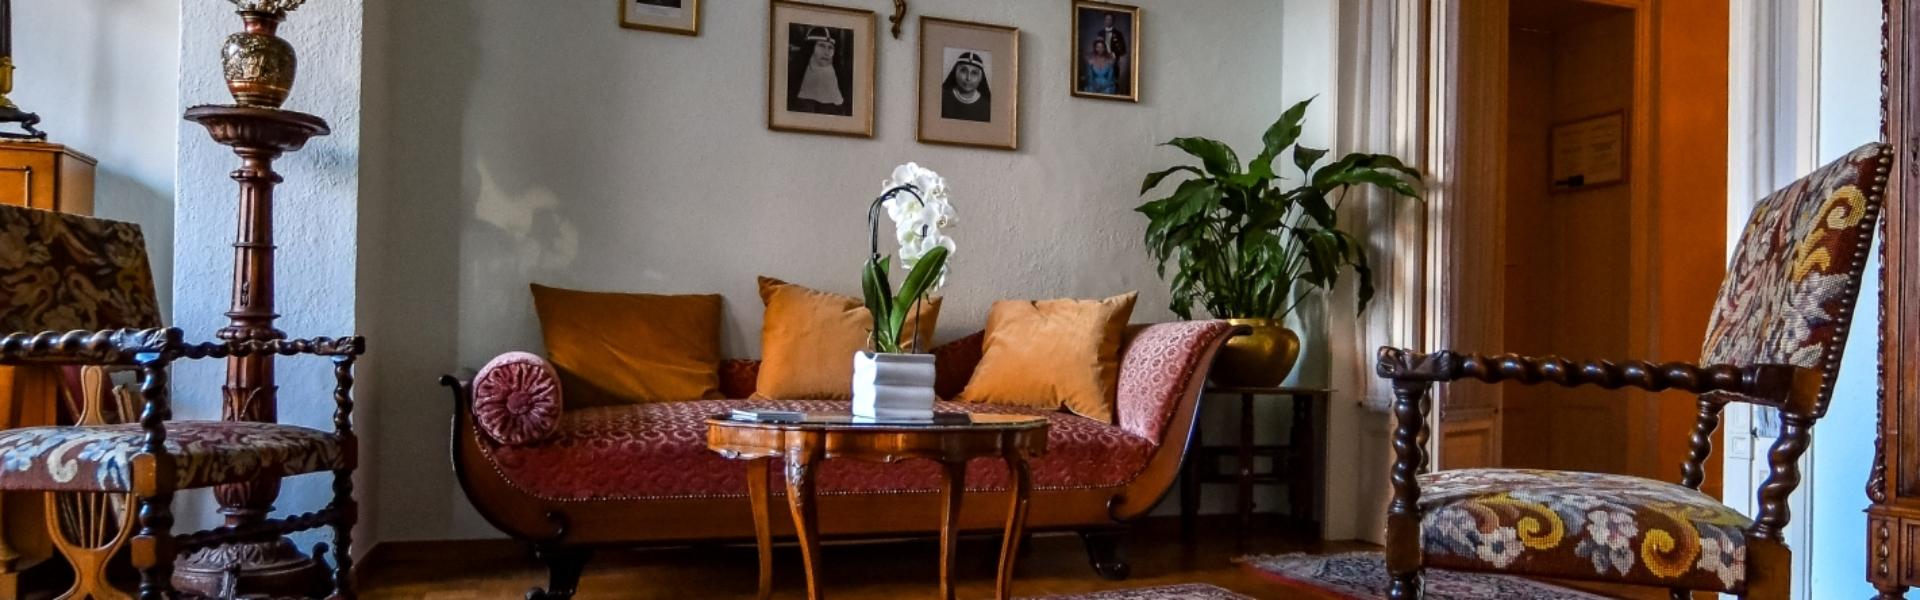 header_casasantabirgitta_sittingroom_01